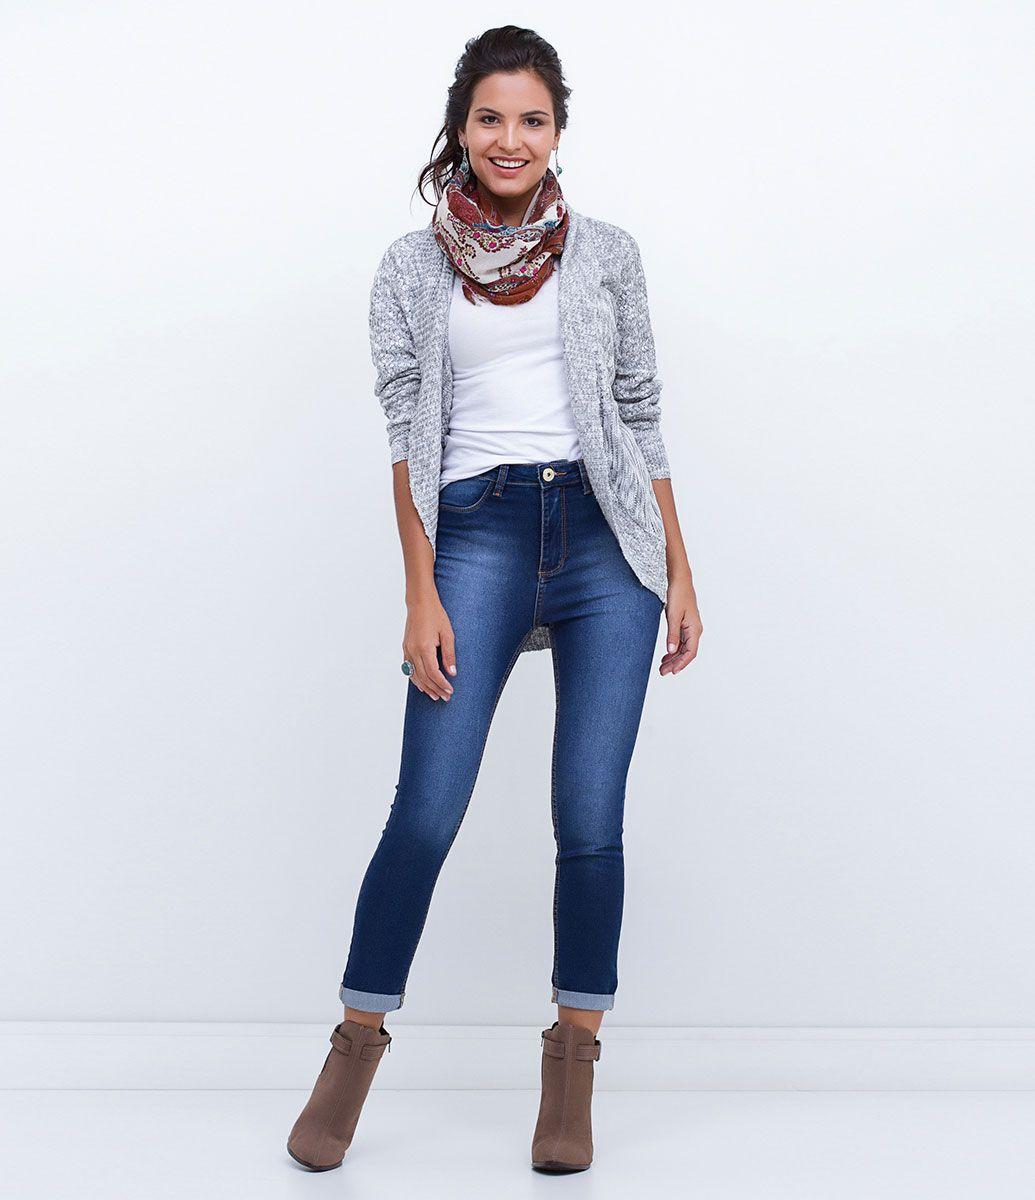 Confira os lançamentos de Roupas Femininas do site da Lojas Renner. São  diversas peças de vestuário e acessórios para você comprar online agora  mesmo. f3dc4a39179